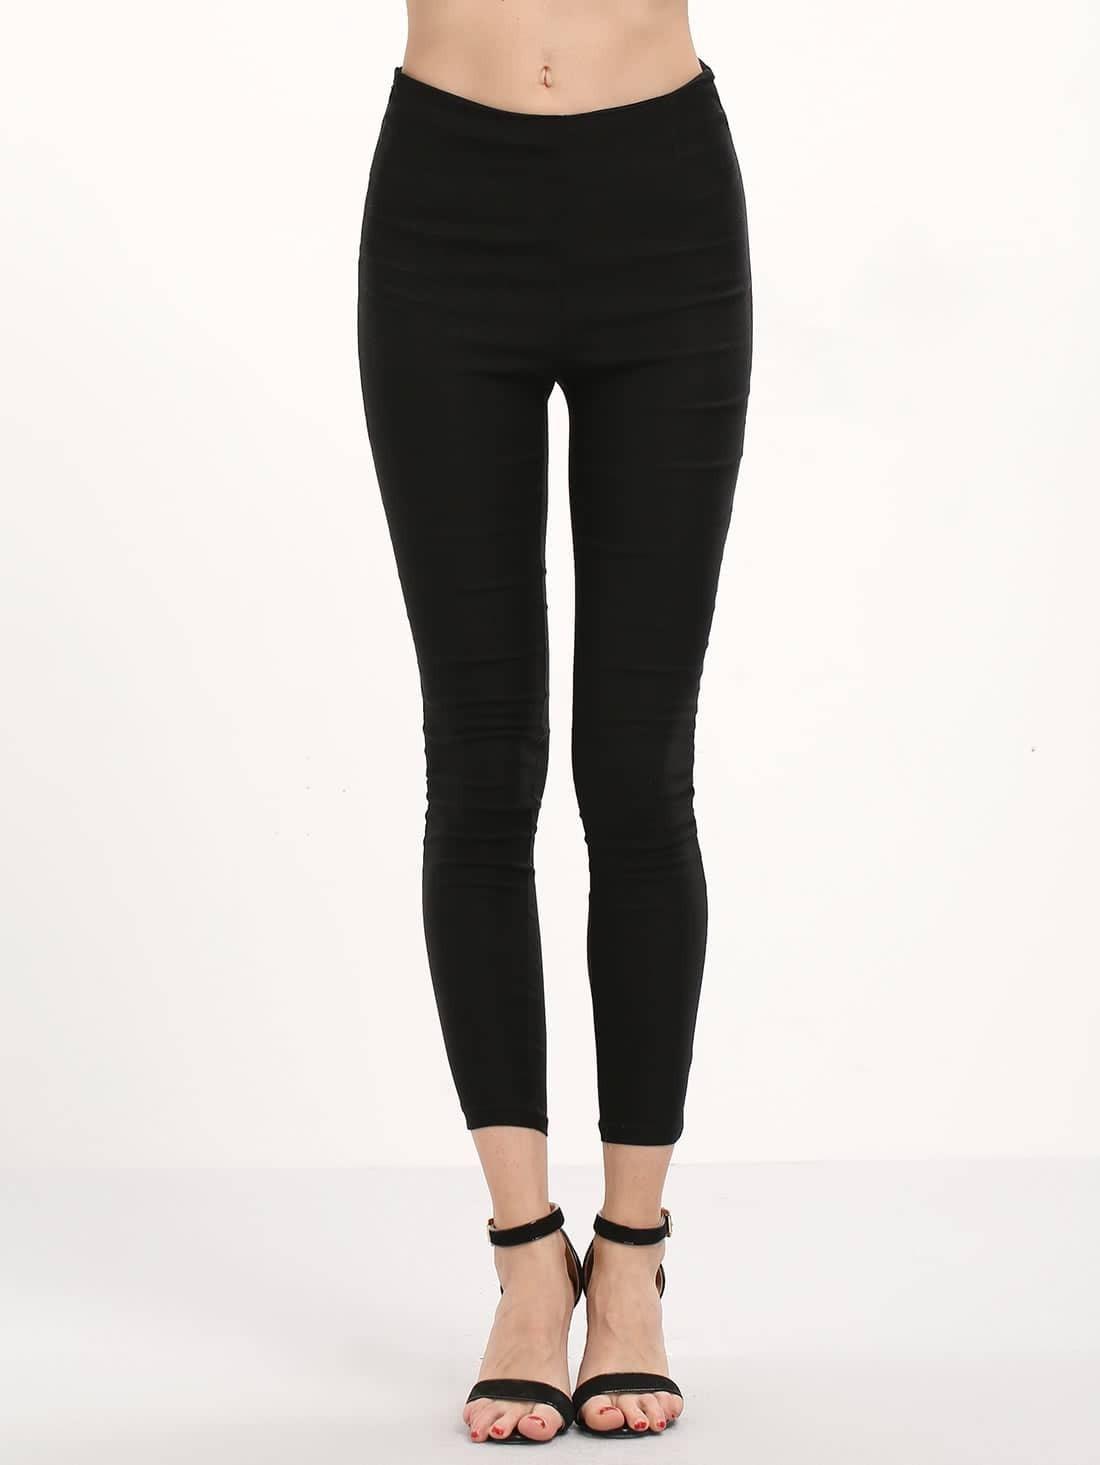 Black Zipper Slim Leggings